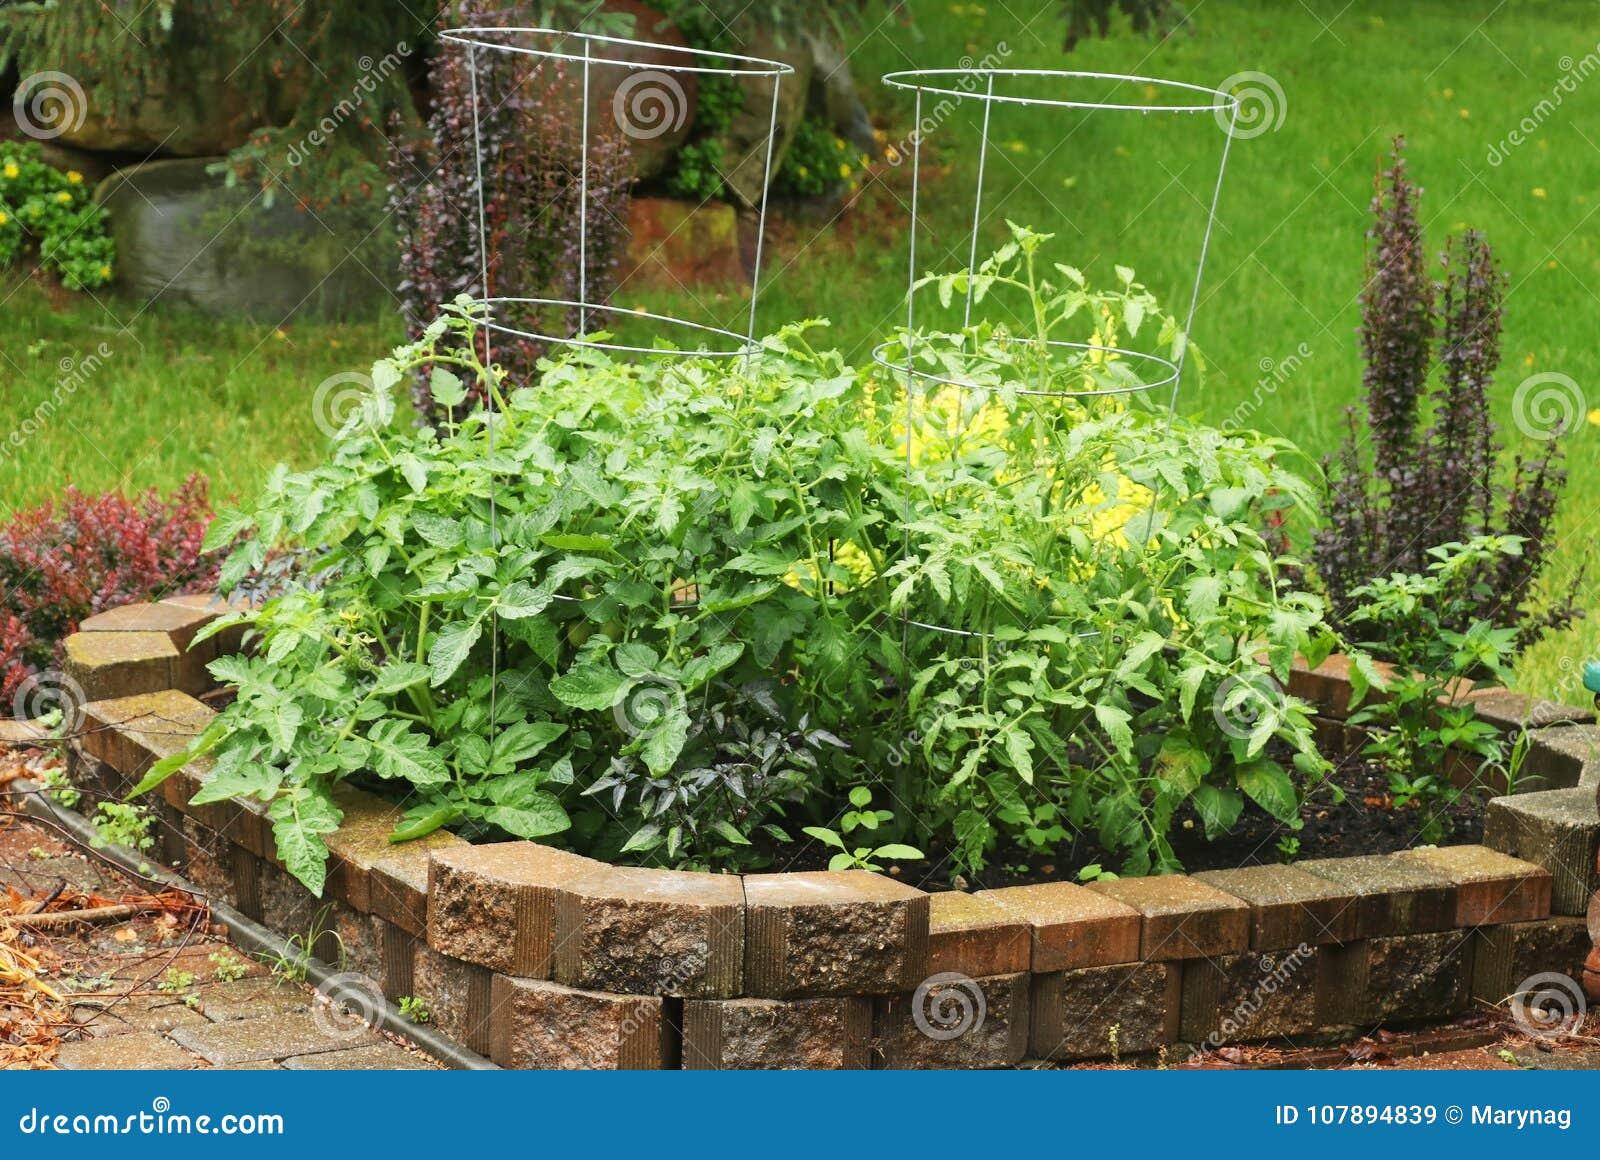 Small Private Backyard Vegetable Garden.